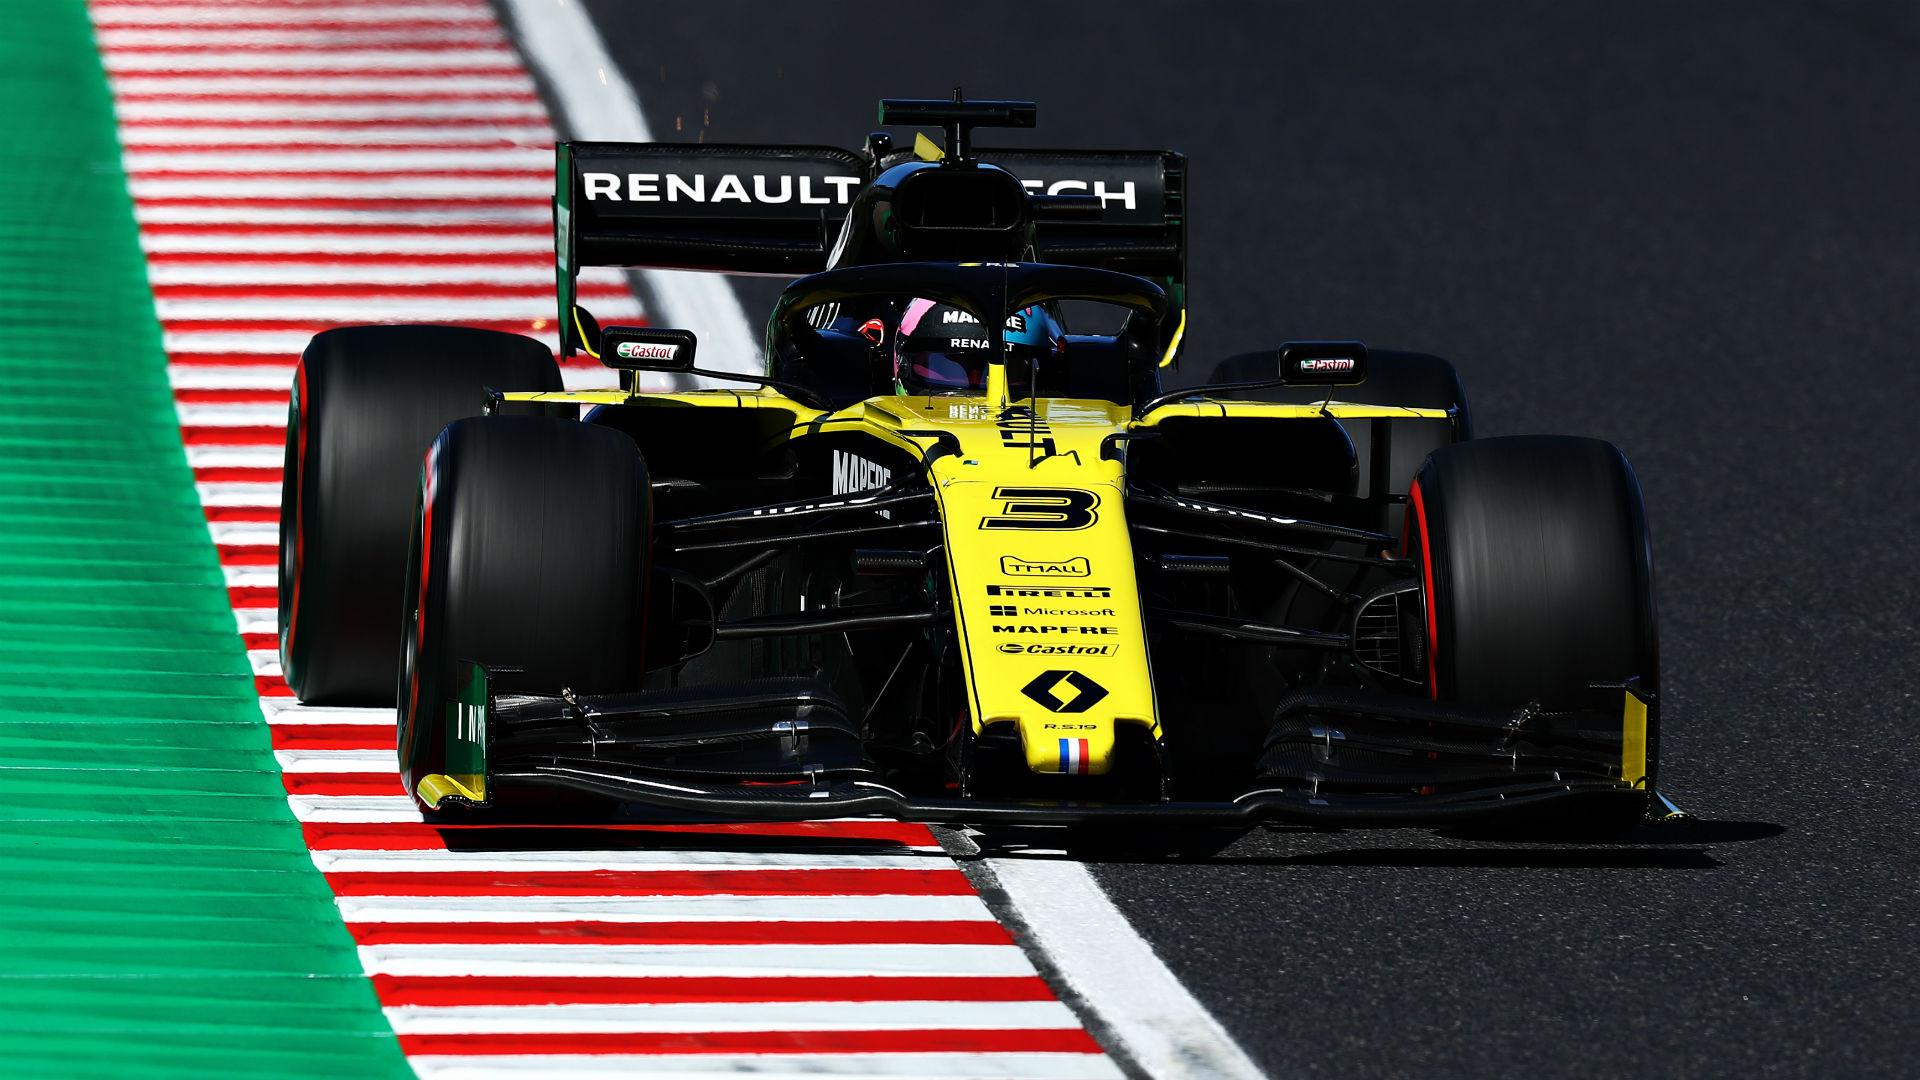 Ricciardo & Hulkenberg disqualified from Japanese GP